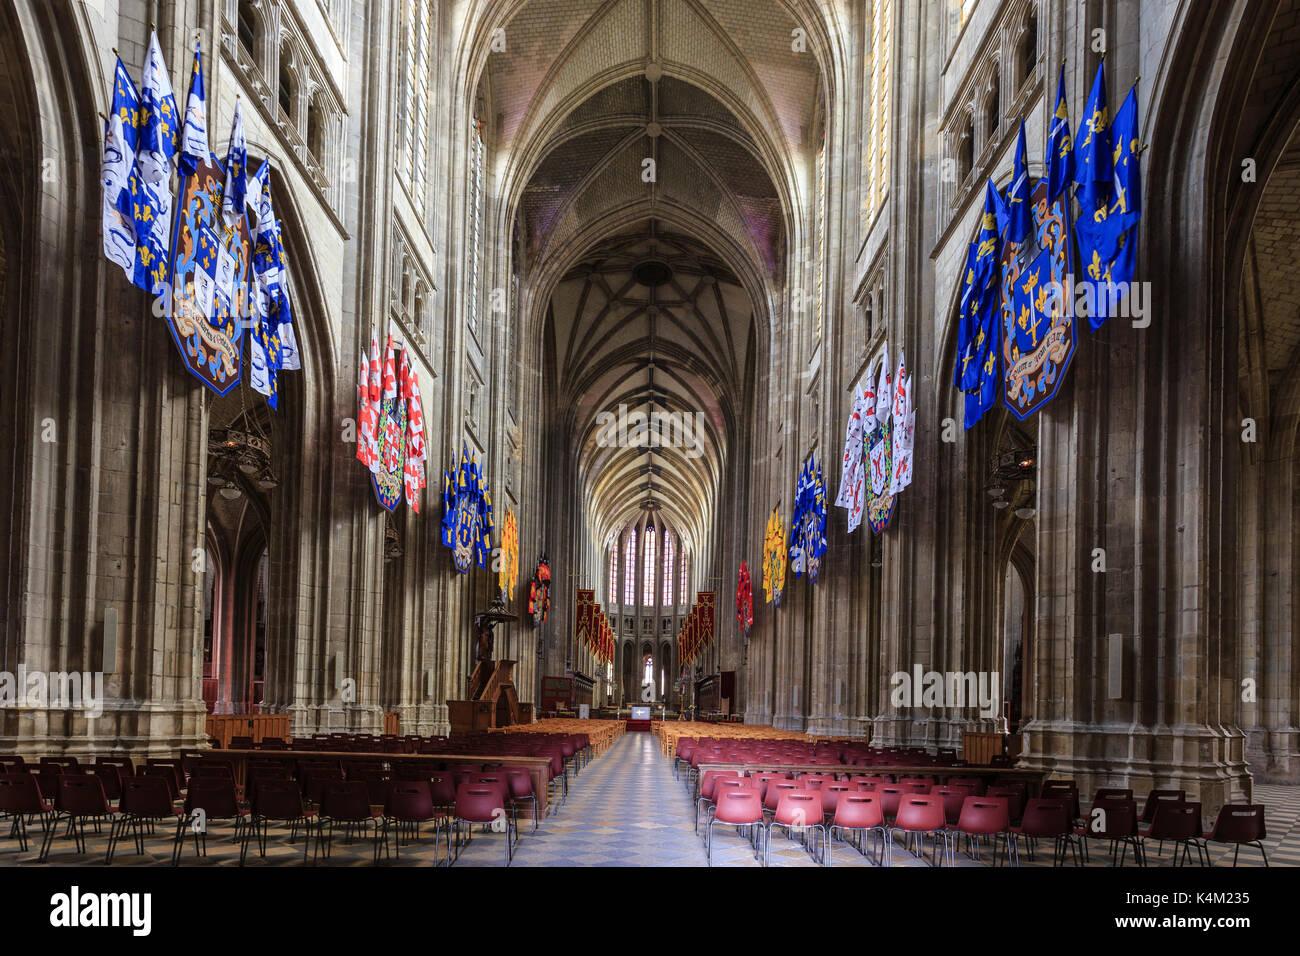 Frankreich, Loir-et-Cher (45), Orléans, intérieur Kathedrale Sainte-Croix // Frankreich, Indre-et-Loire, Orleans, innenraum der Kathedrale Sainte Croix Stockbild